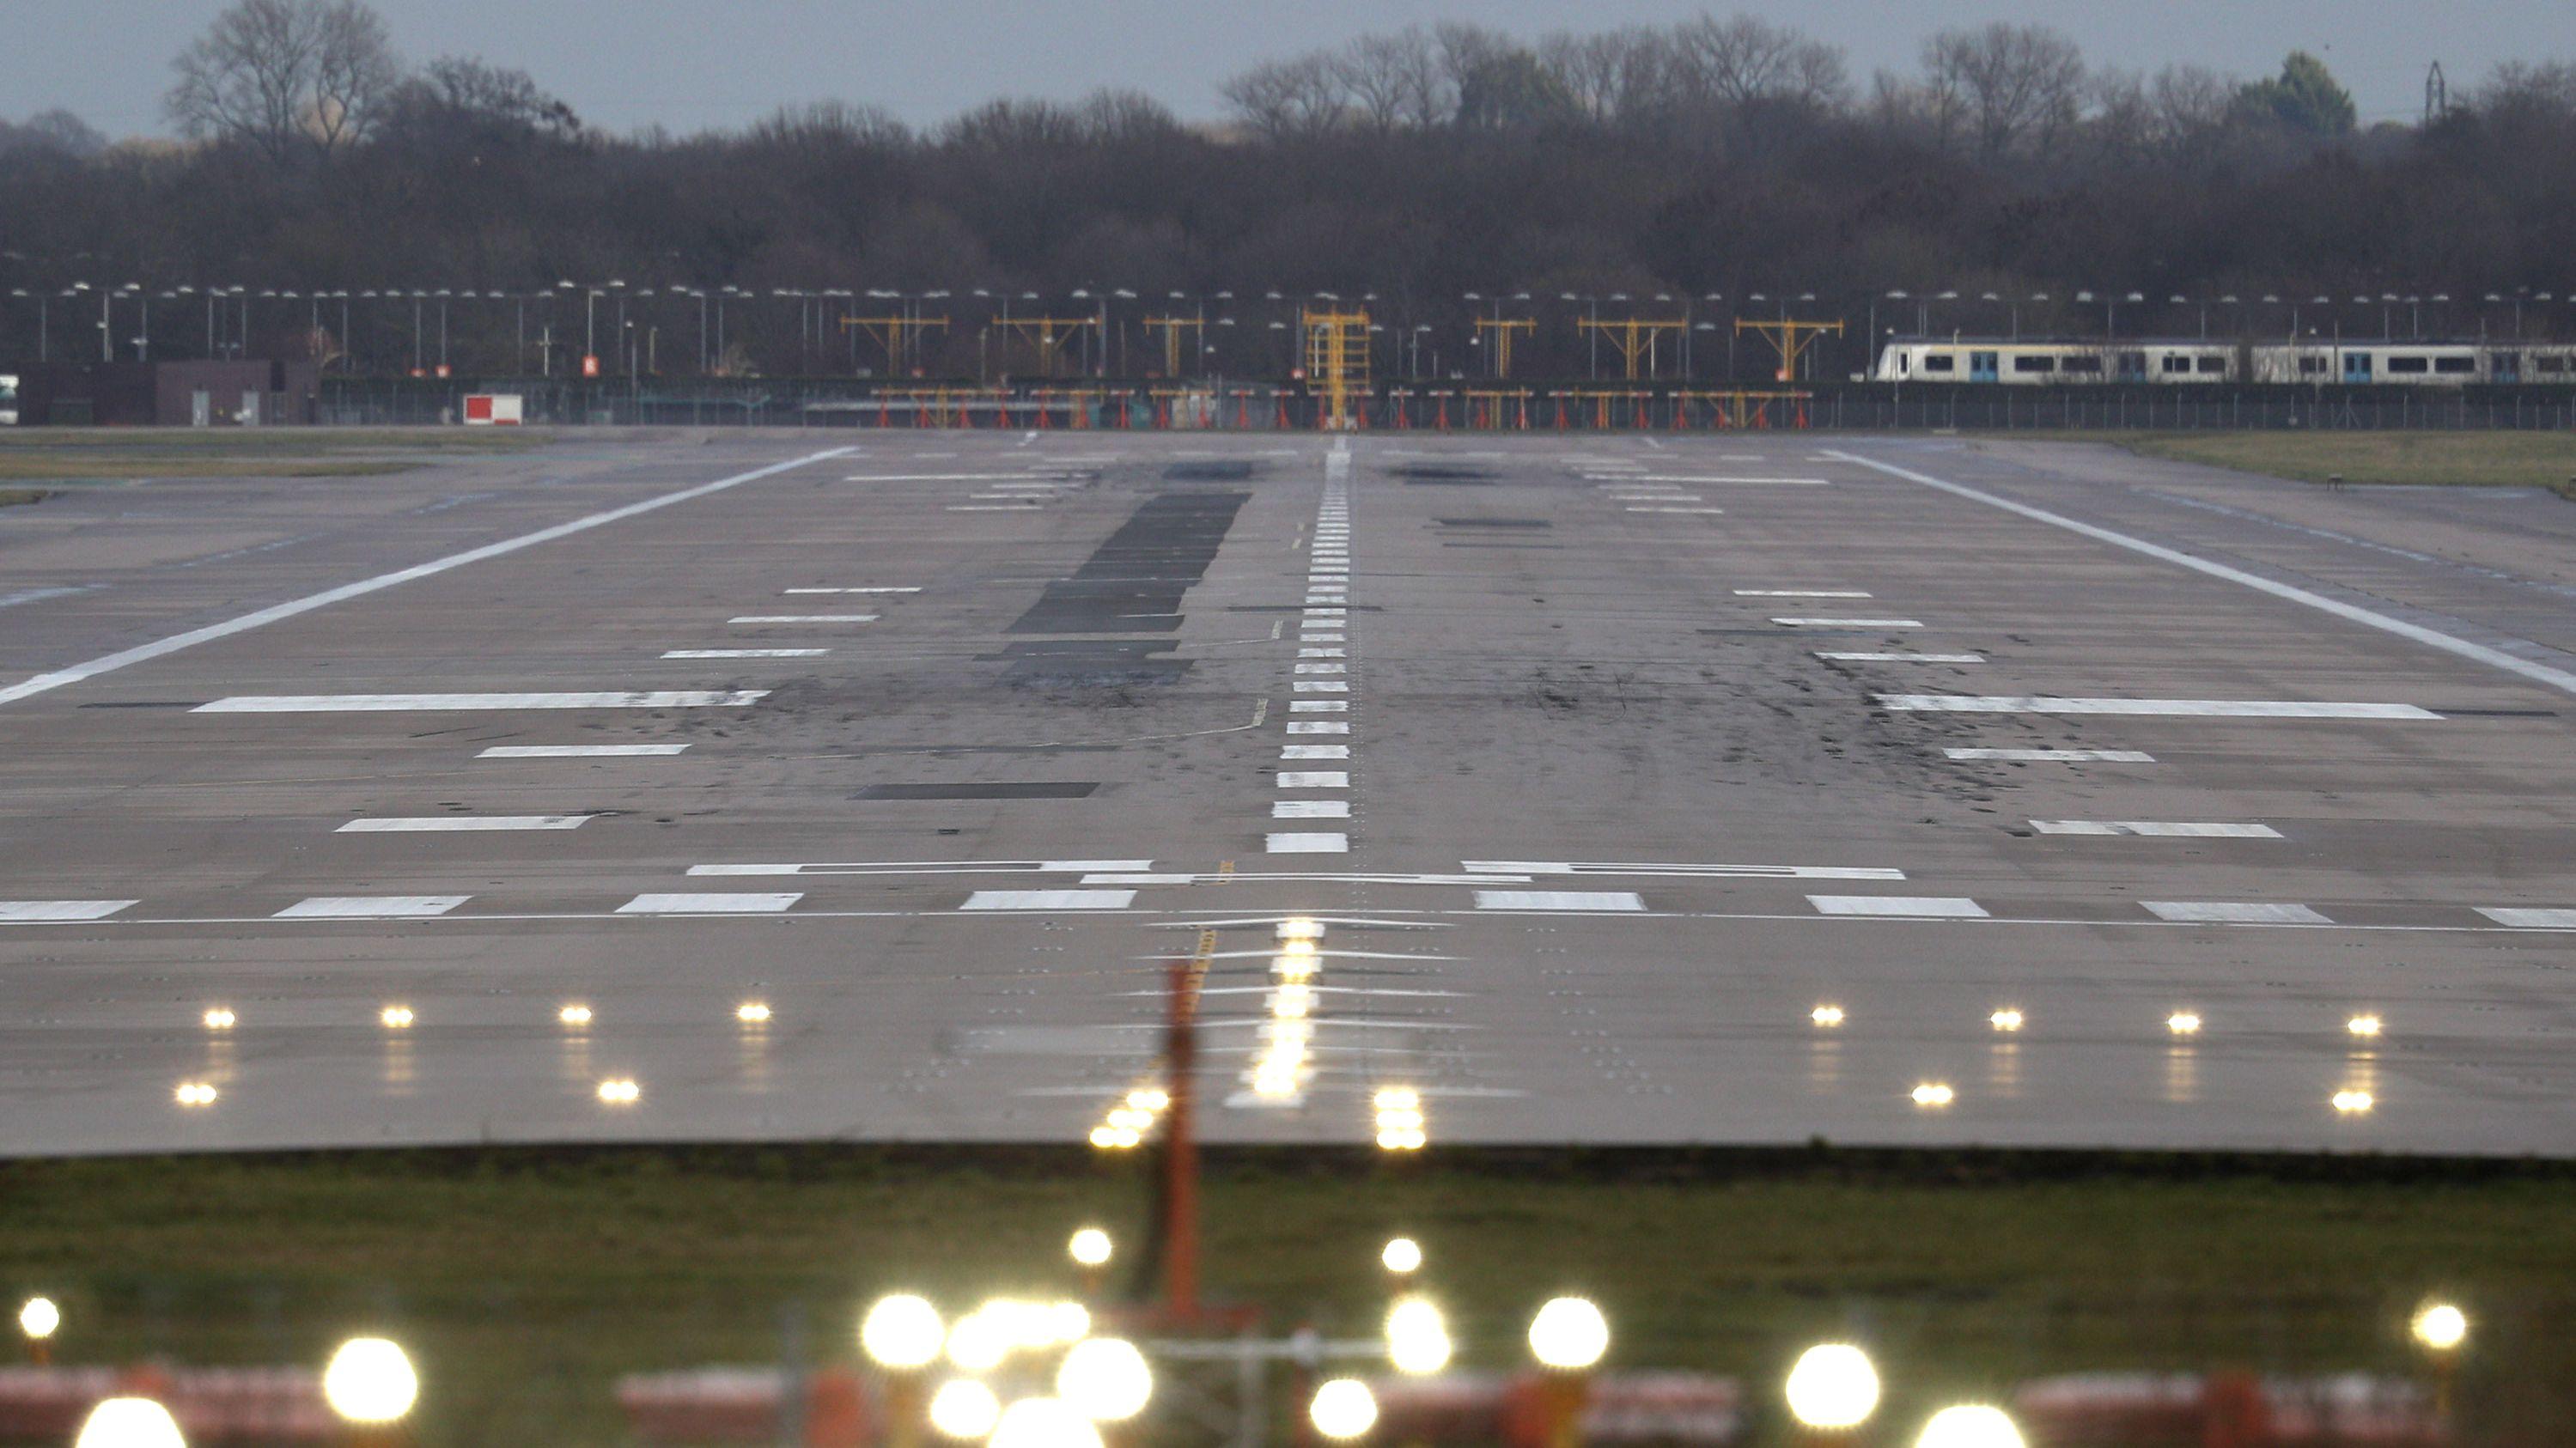 英空港ドローン騒動、航空機の安全を守る方法はあるか?